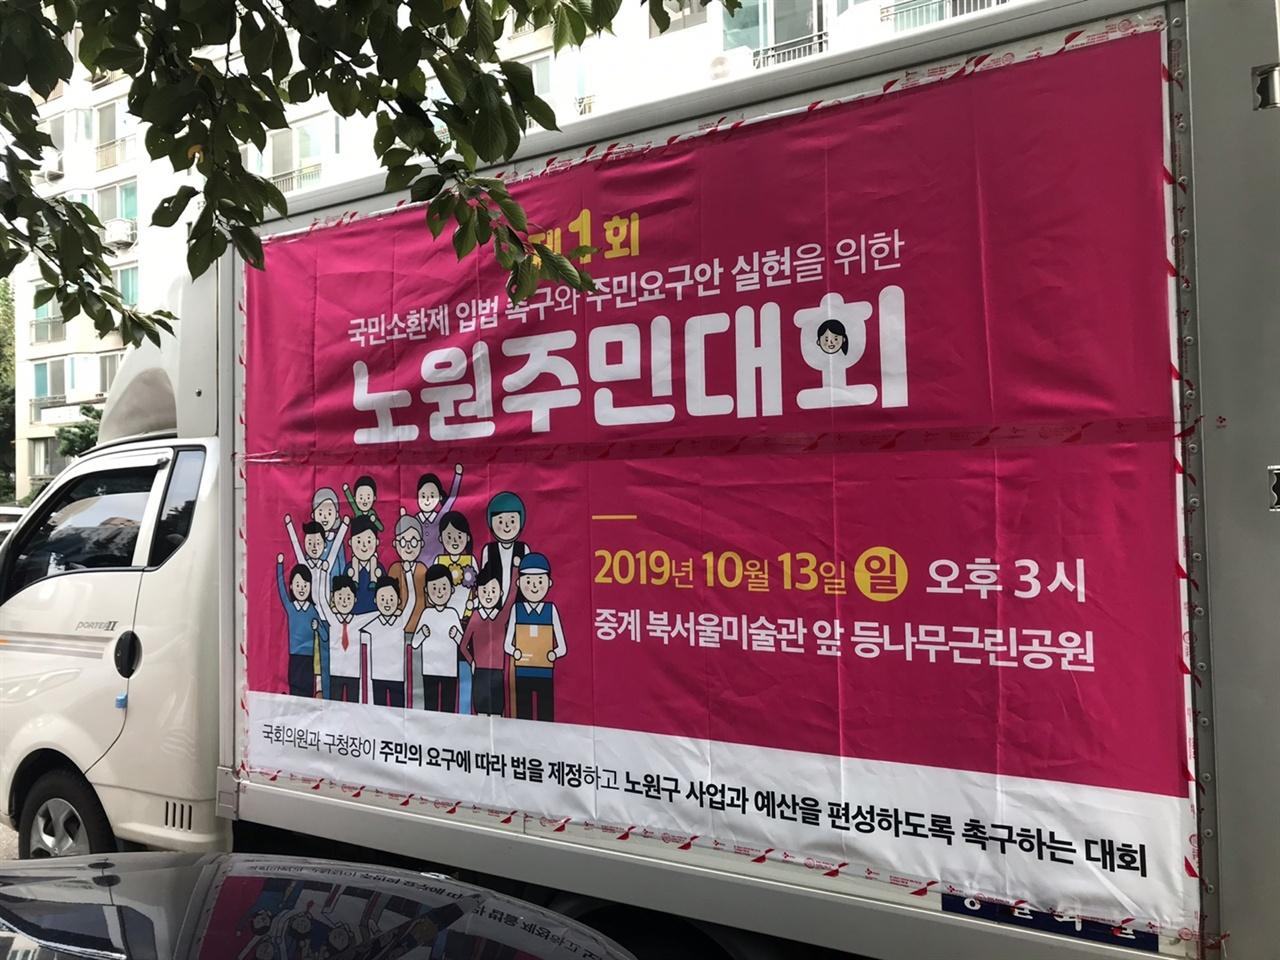 택배 탑차에 붙은 노원주민대회 홍보 현수막